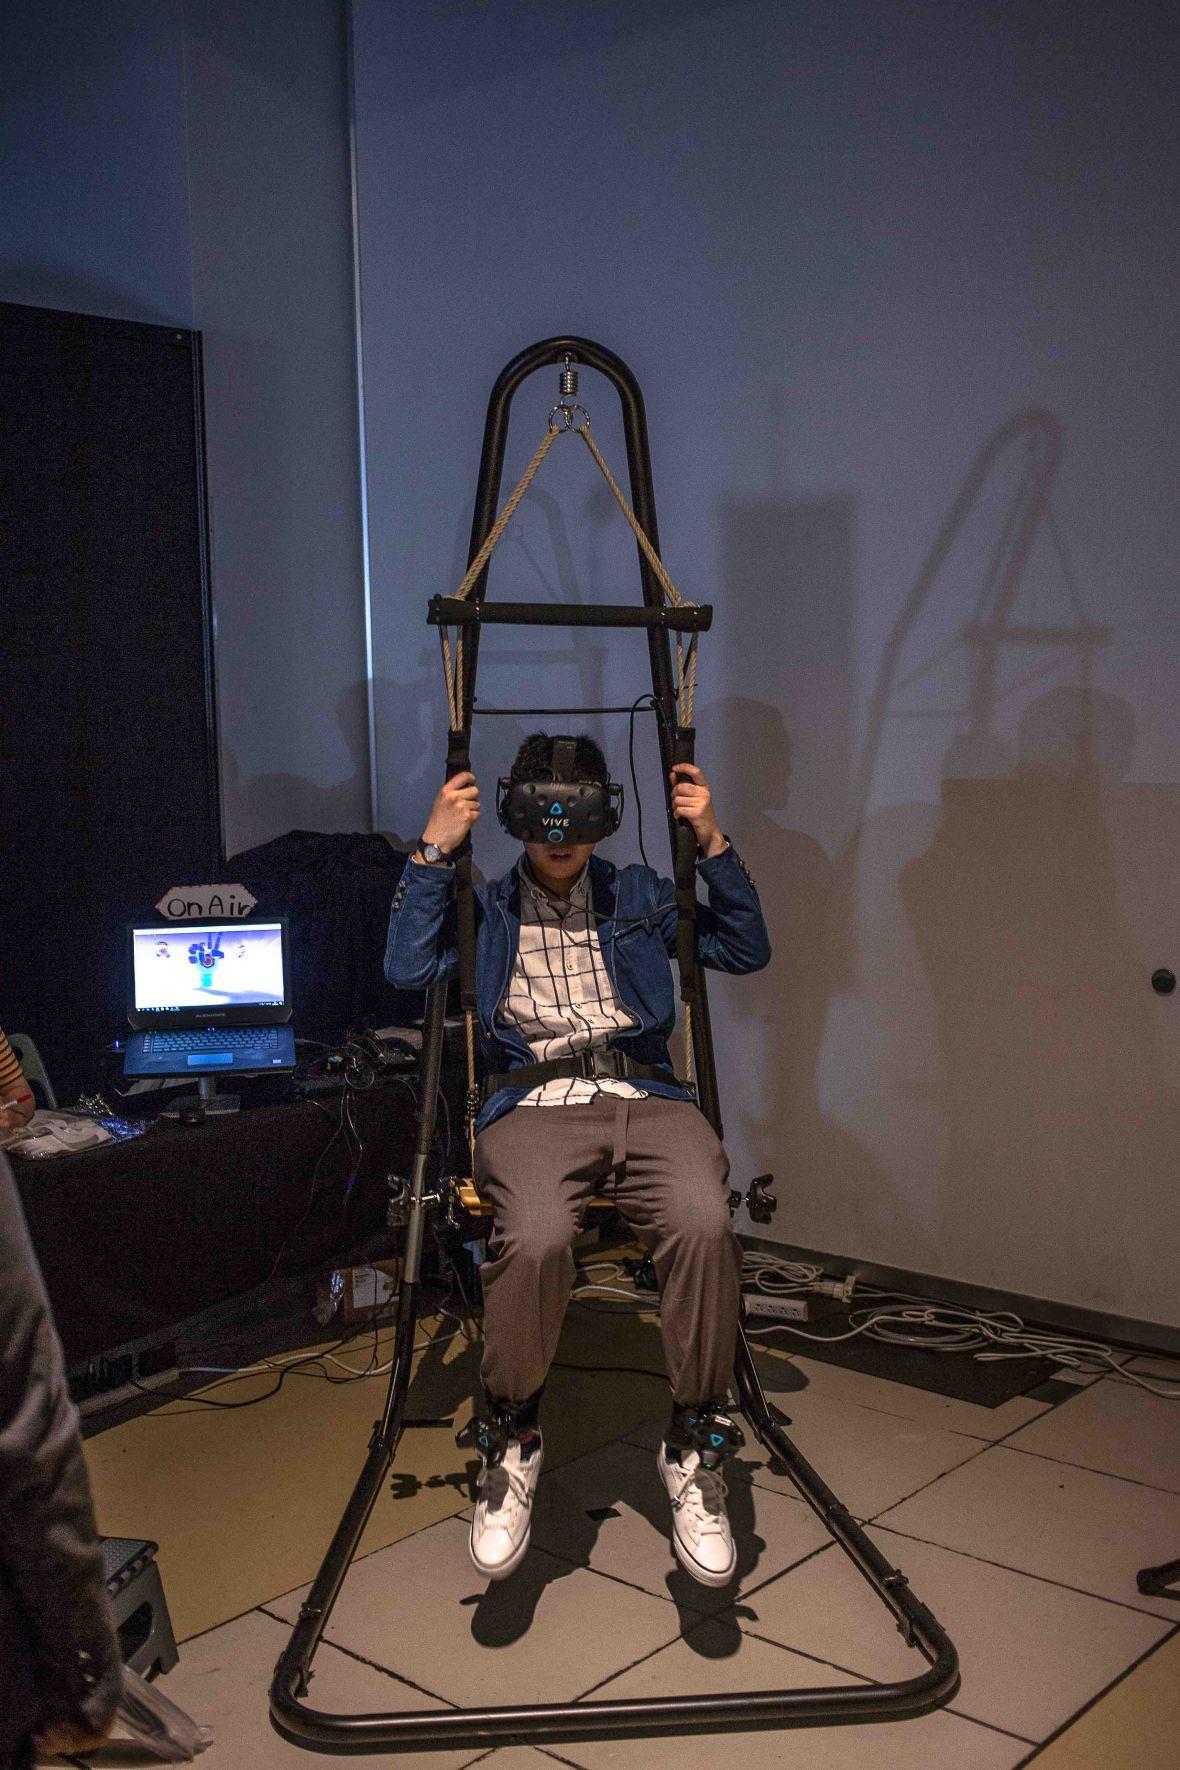 laurent ibanez derrierre la colline bitsummit 2018 parachute virtuel